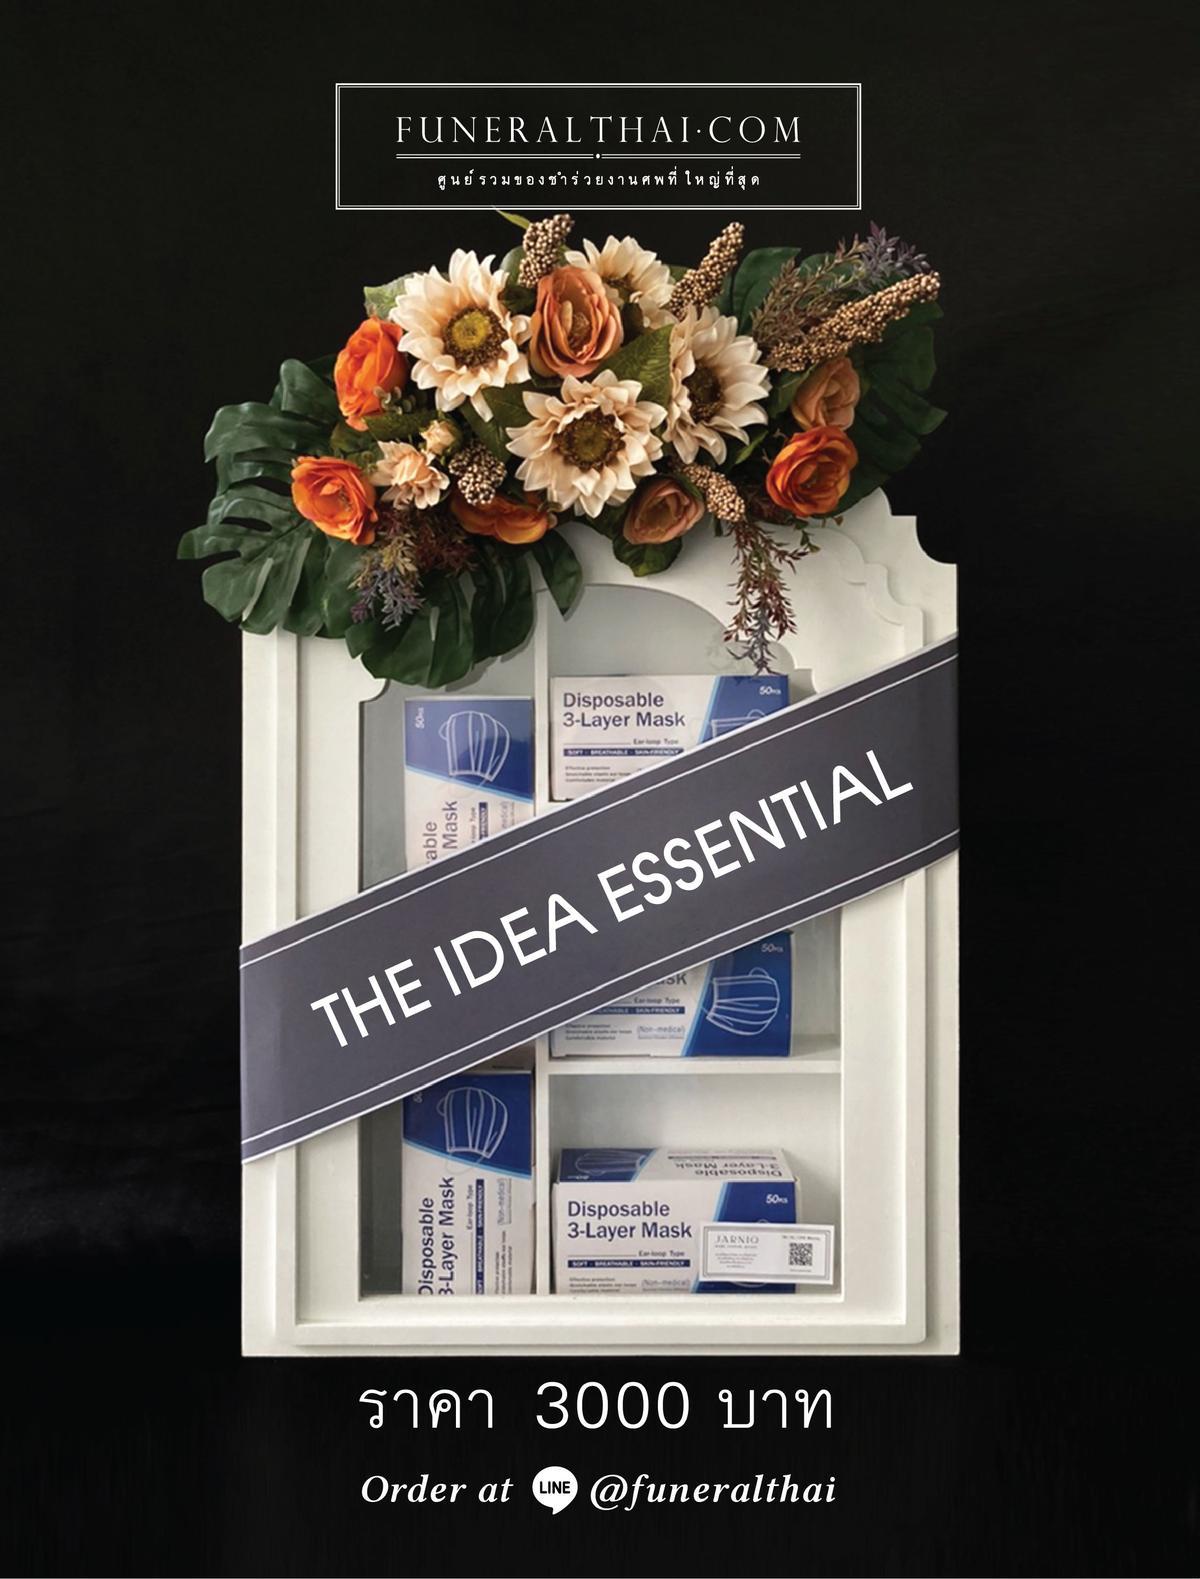 พวงหรีด พวงหรีดตู้ ใส่หน้ากากอนามัย ประดับดอกไม้ พวงหรีดใช้งานต่อได้ ส่งฟรีทั่วกรุงเทพ